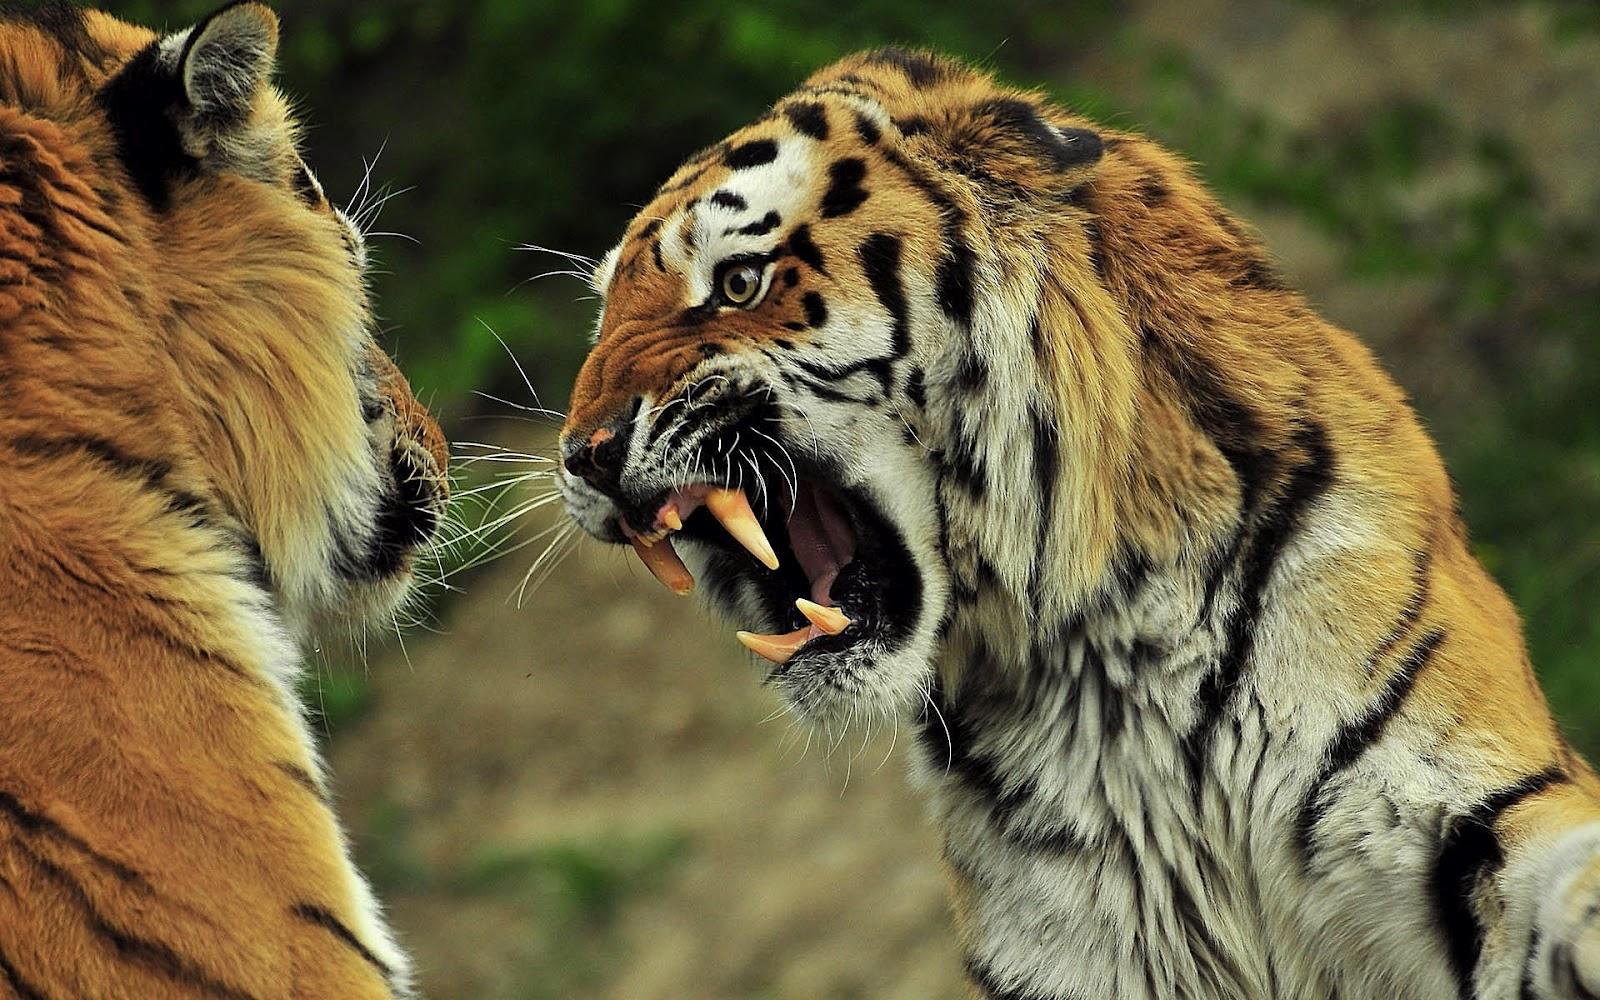 hd tijgers achtergrond met een gevaarlijke tijger die zijn tanden laat zien hd tijger wallpaper foto